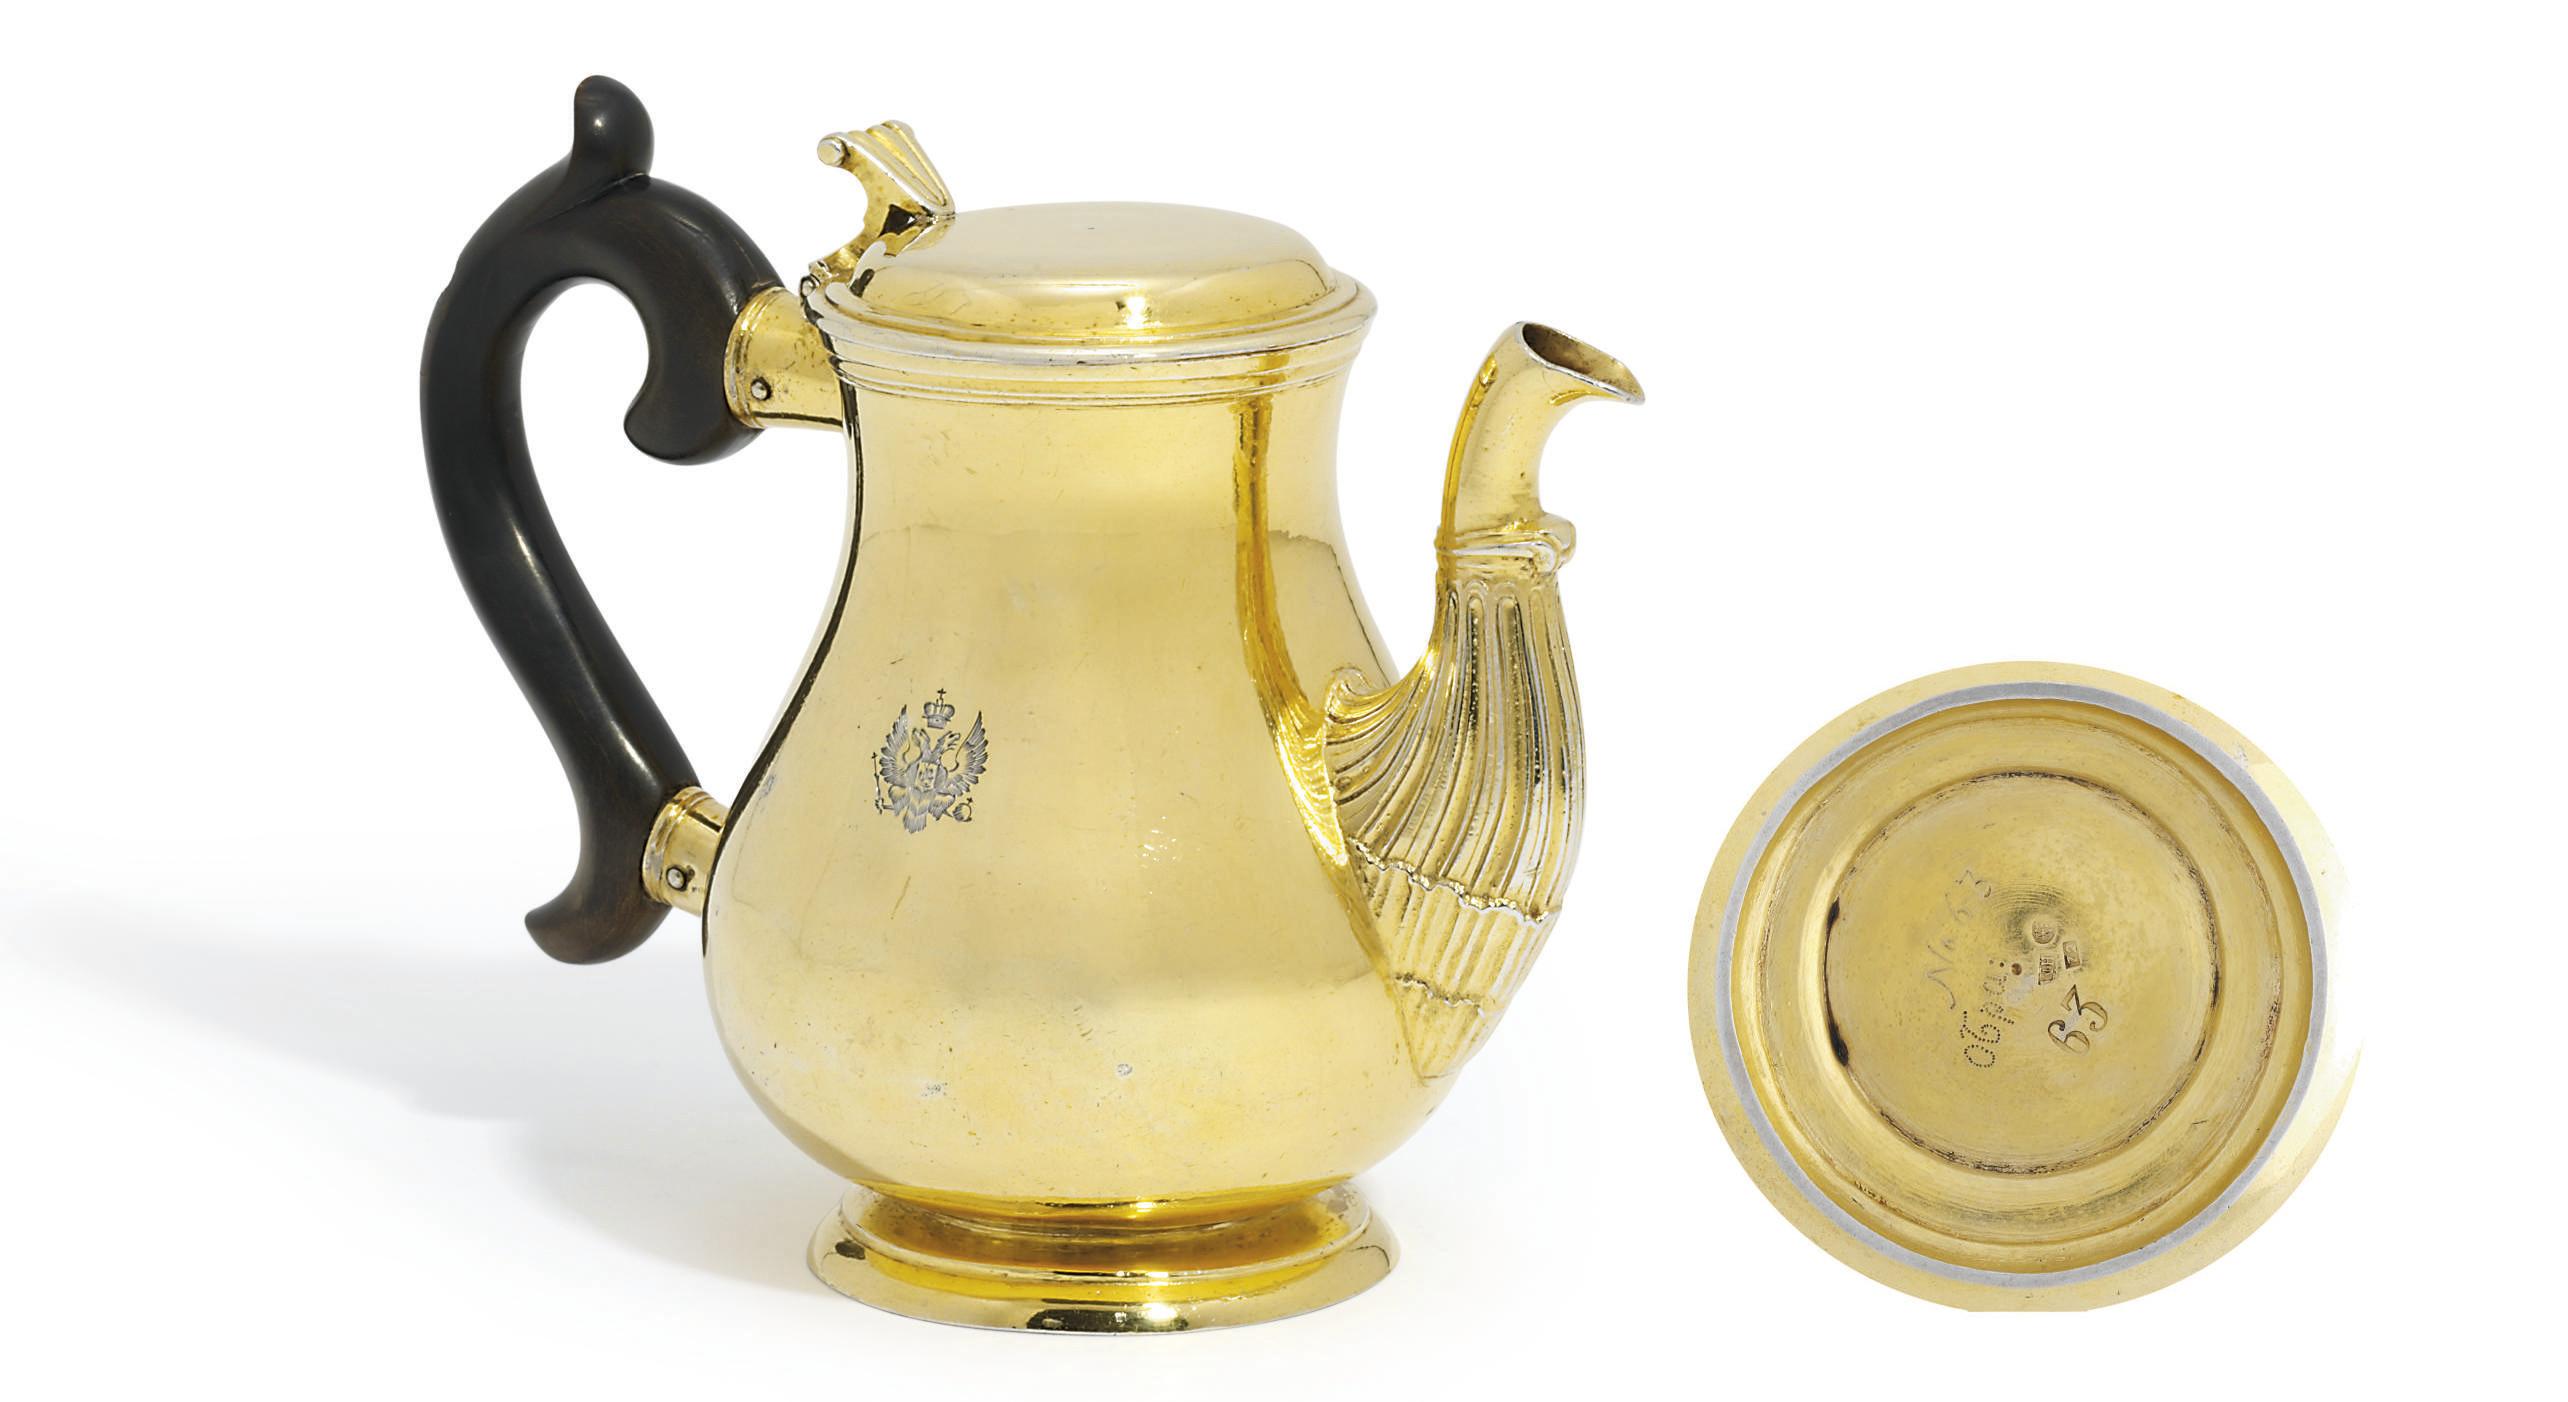 A RUSSIAN SILVER-GILT TEAPOT